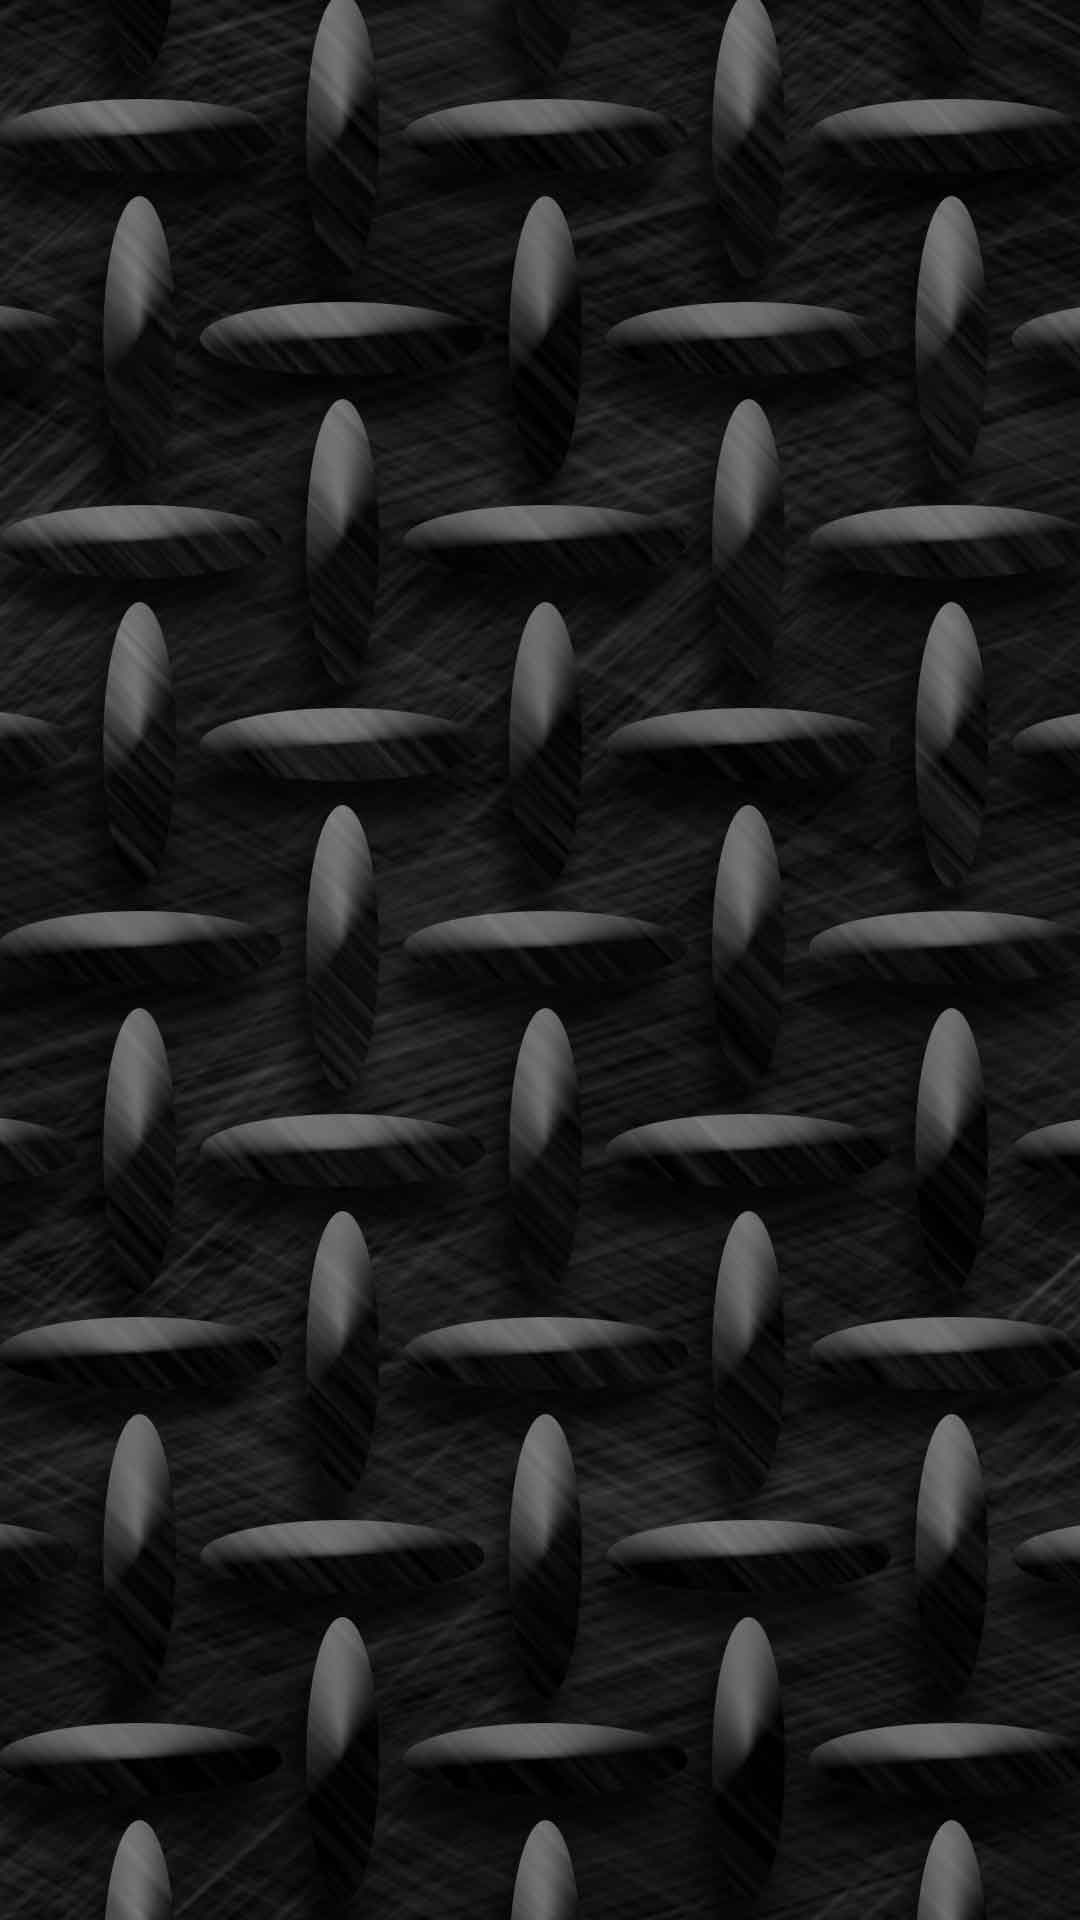 wallpaper for phone black